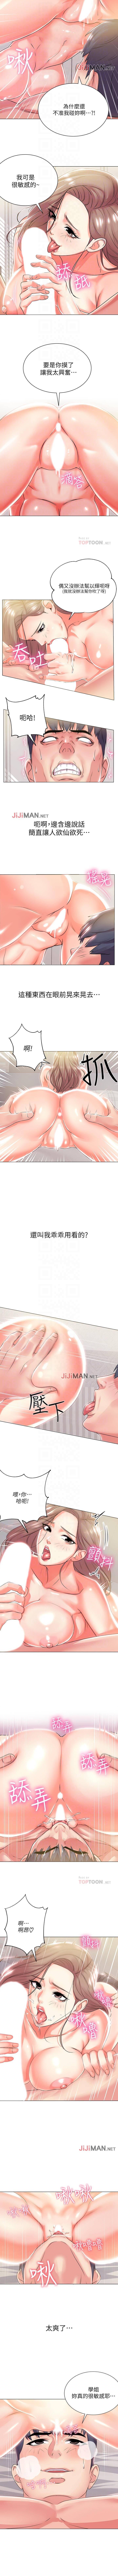 【周三连载】超市的漂亮姐姐(作者:北鼻&逃兵) 第1~20话 66